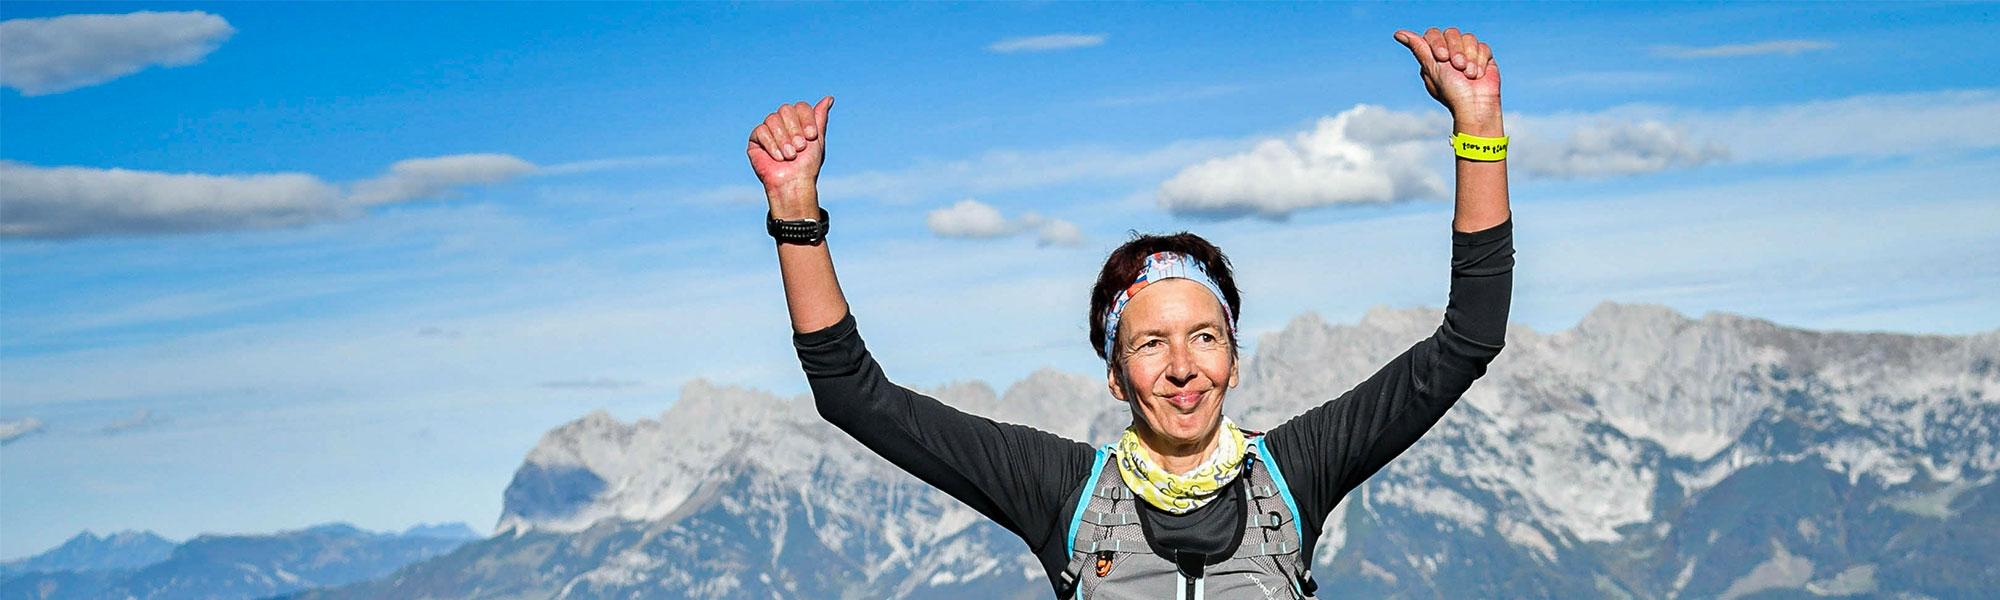 Sport-Mental-Coaching mit Sonja Landwehr